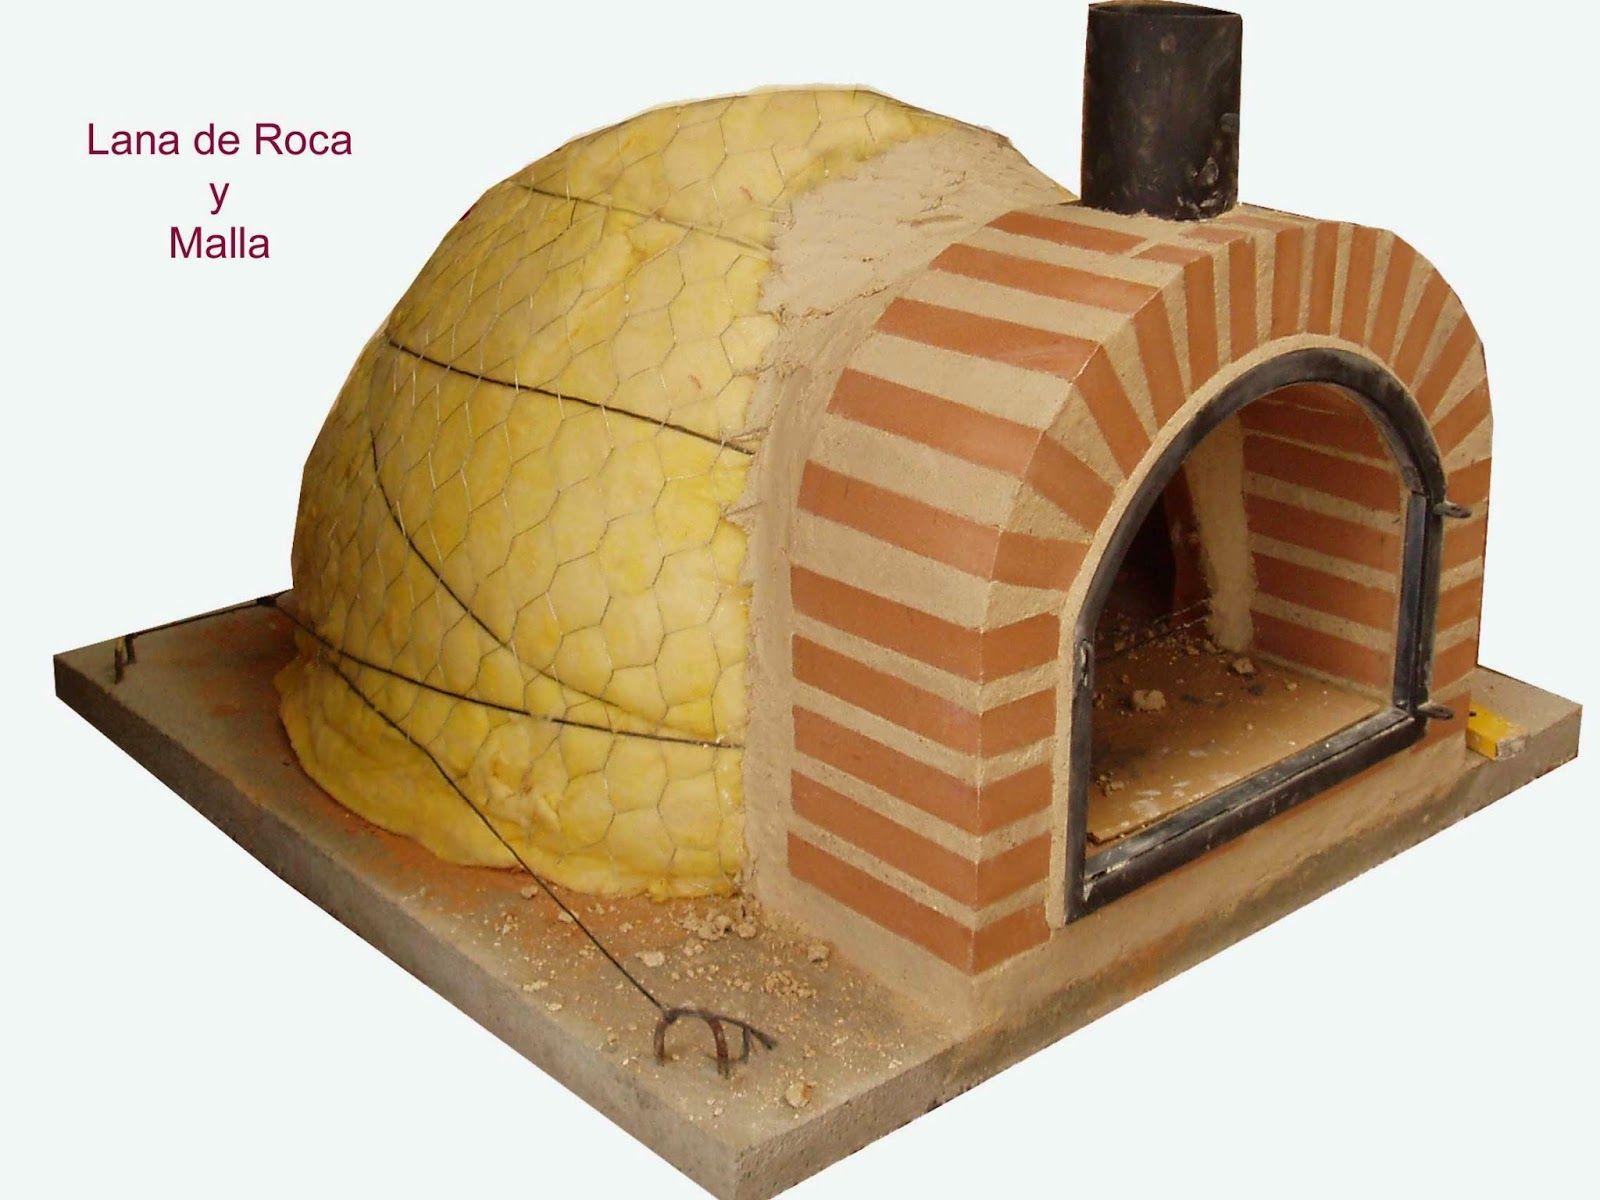 La fabrica de pereruela como hacer un horno como hacer - Materiales para hacer un horno de lena ...